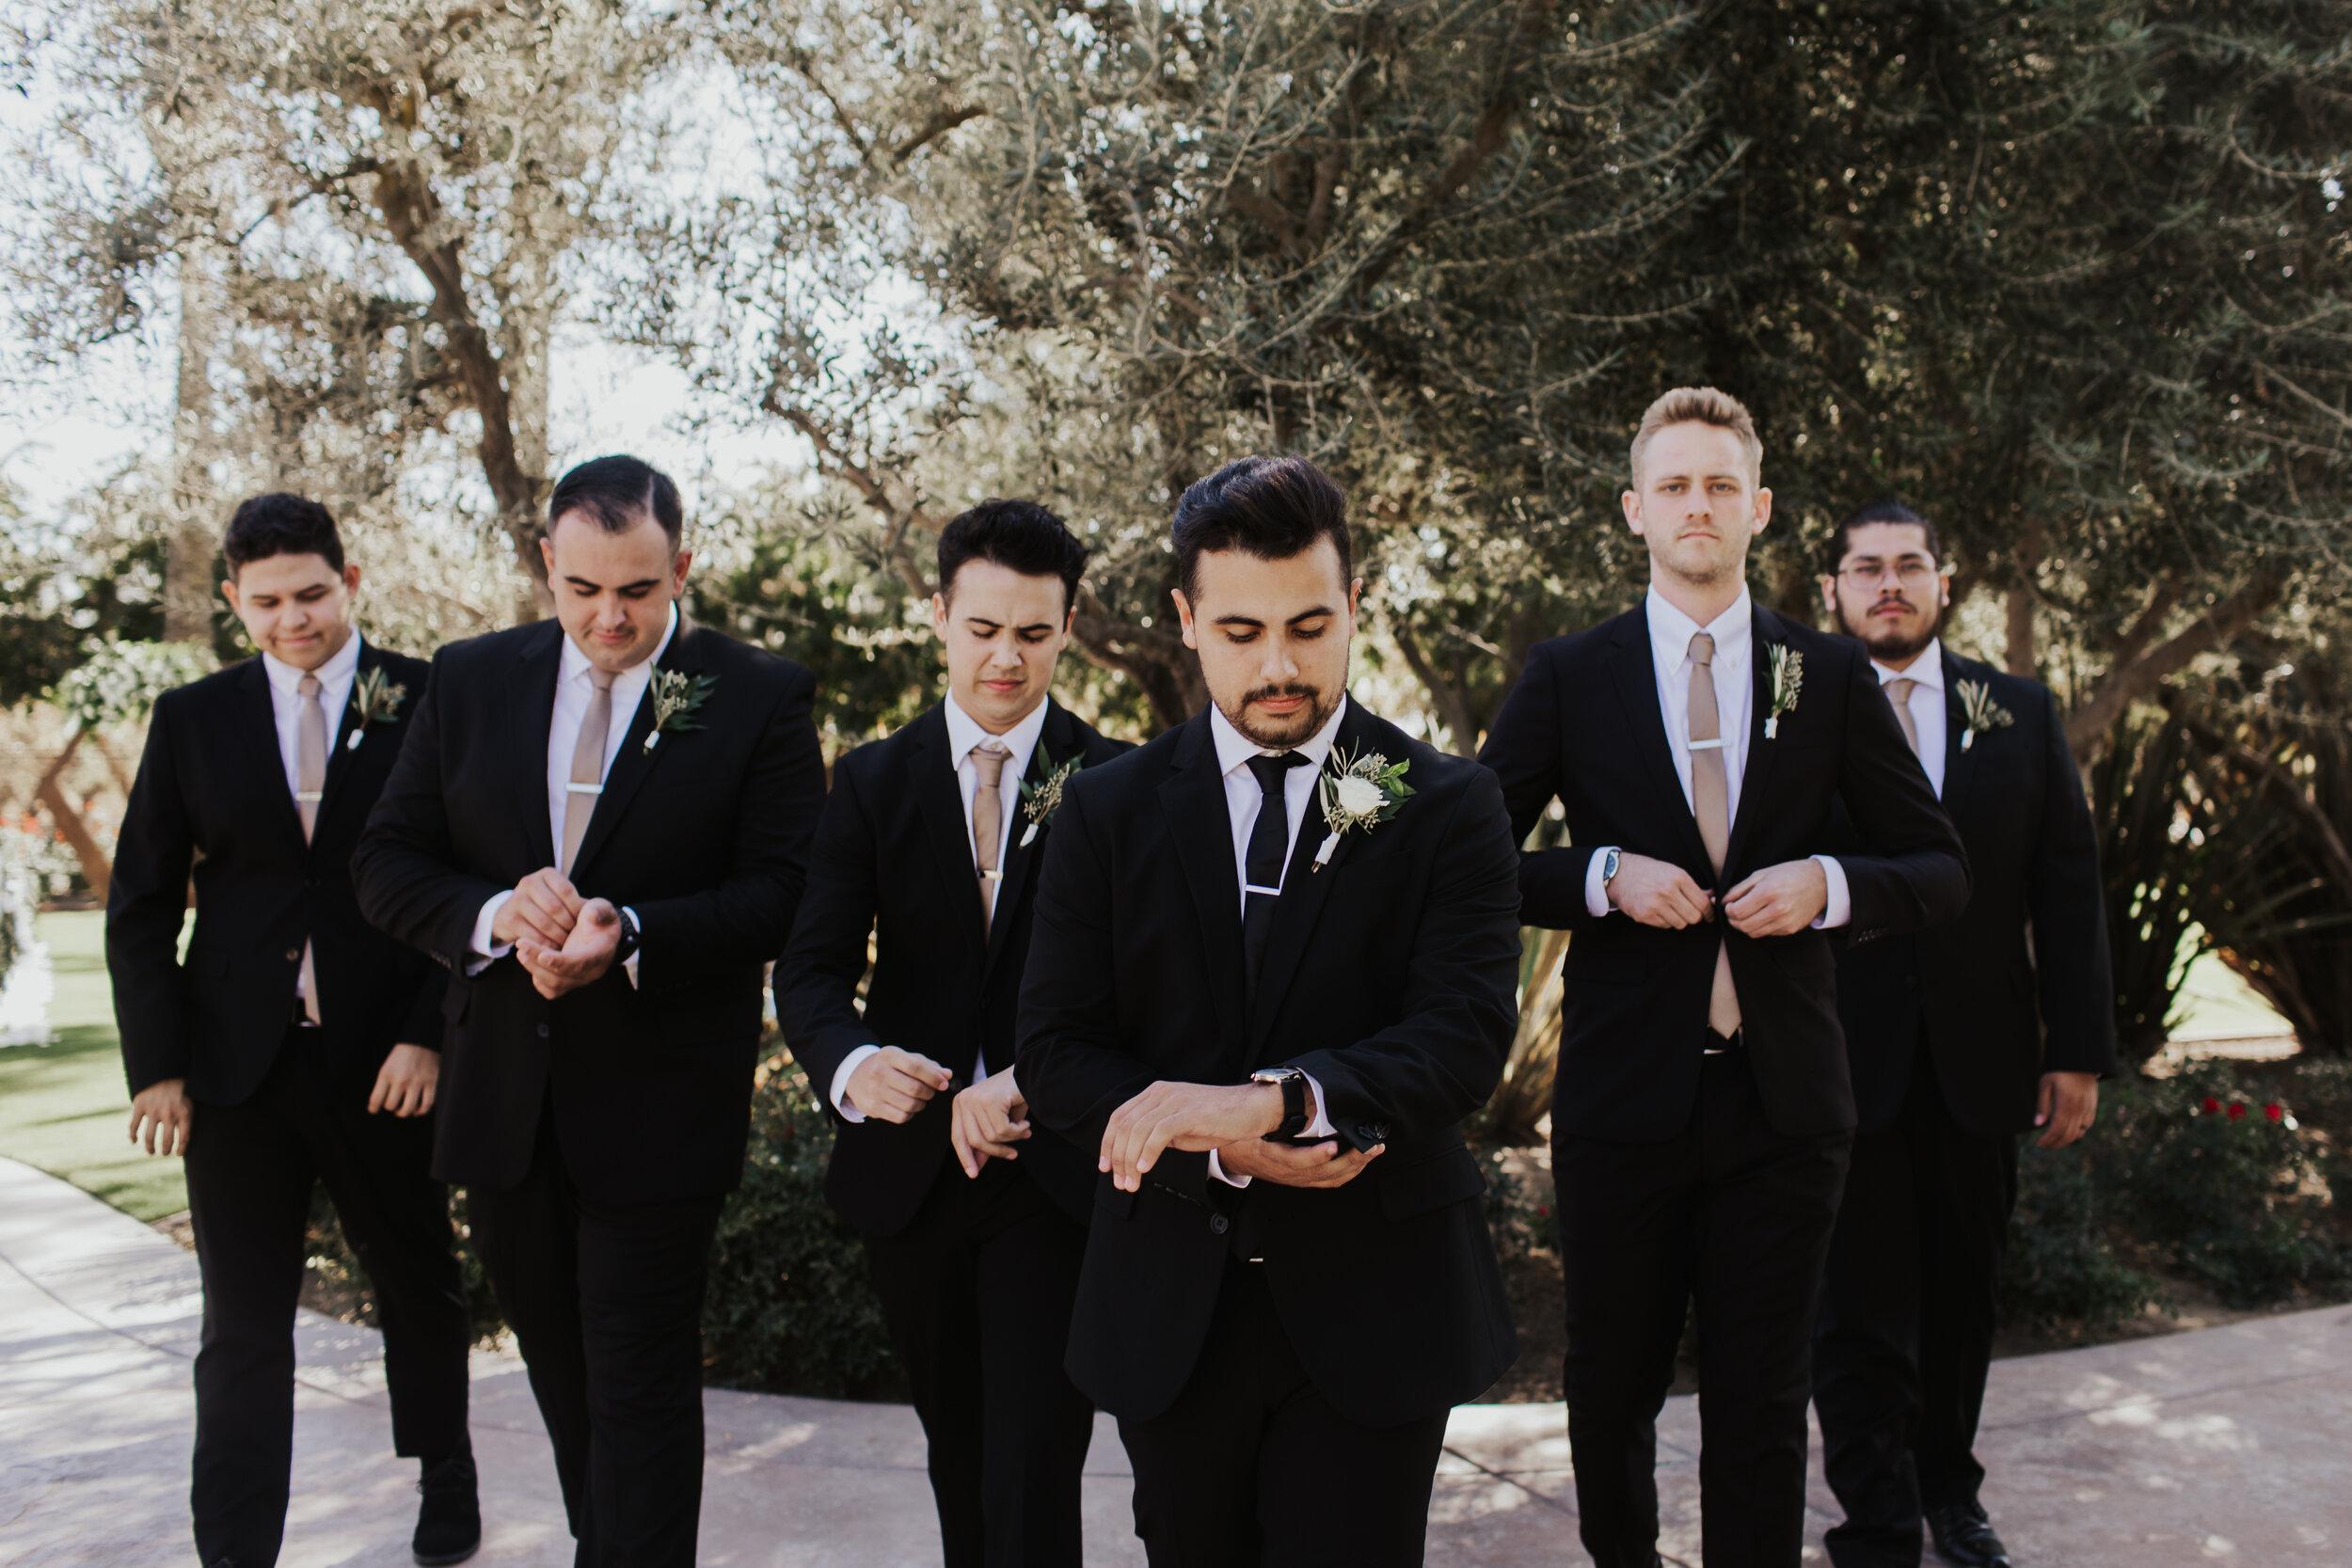 Emilee-Michael-Wedding-Tuscan-Gardens-Kingsburg-Central-Valley-California-SNEAK-PEEK-21.jpg